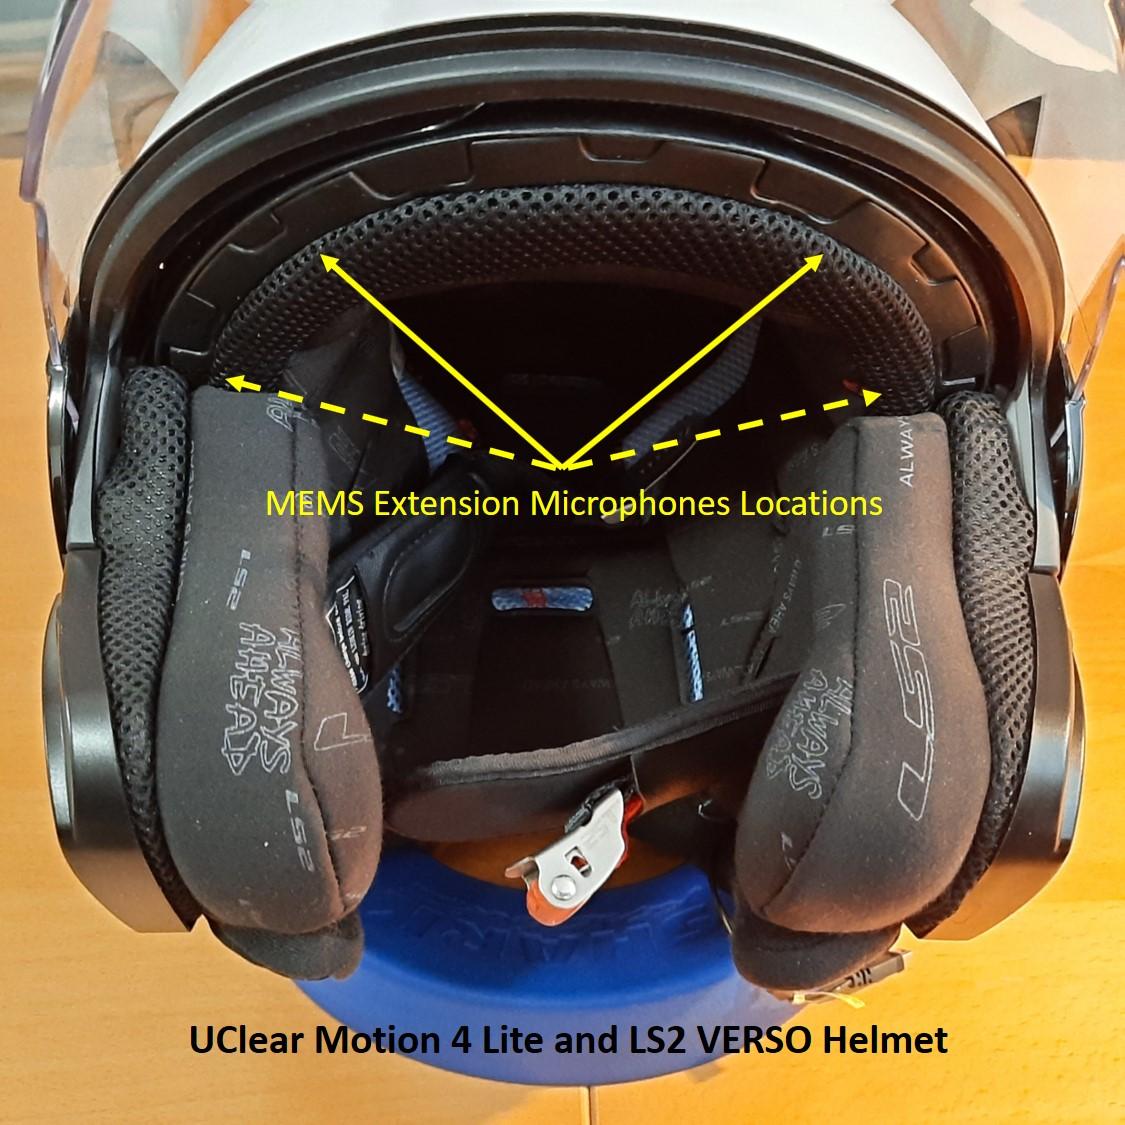 Front view of the LS2 VERSO helmet